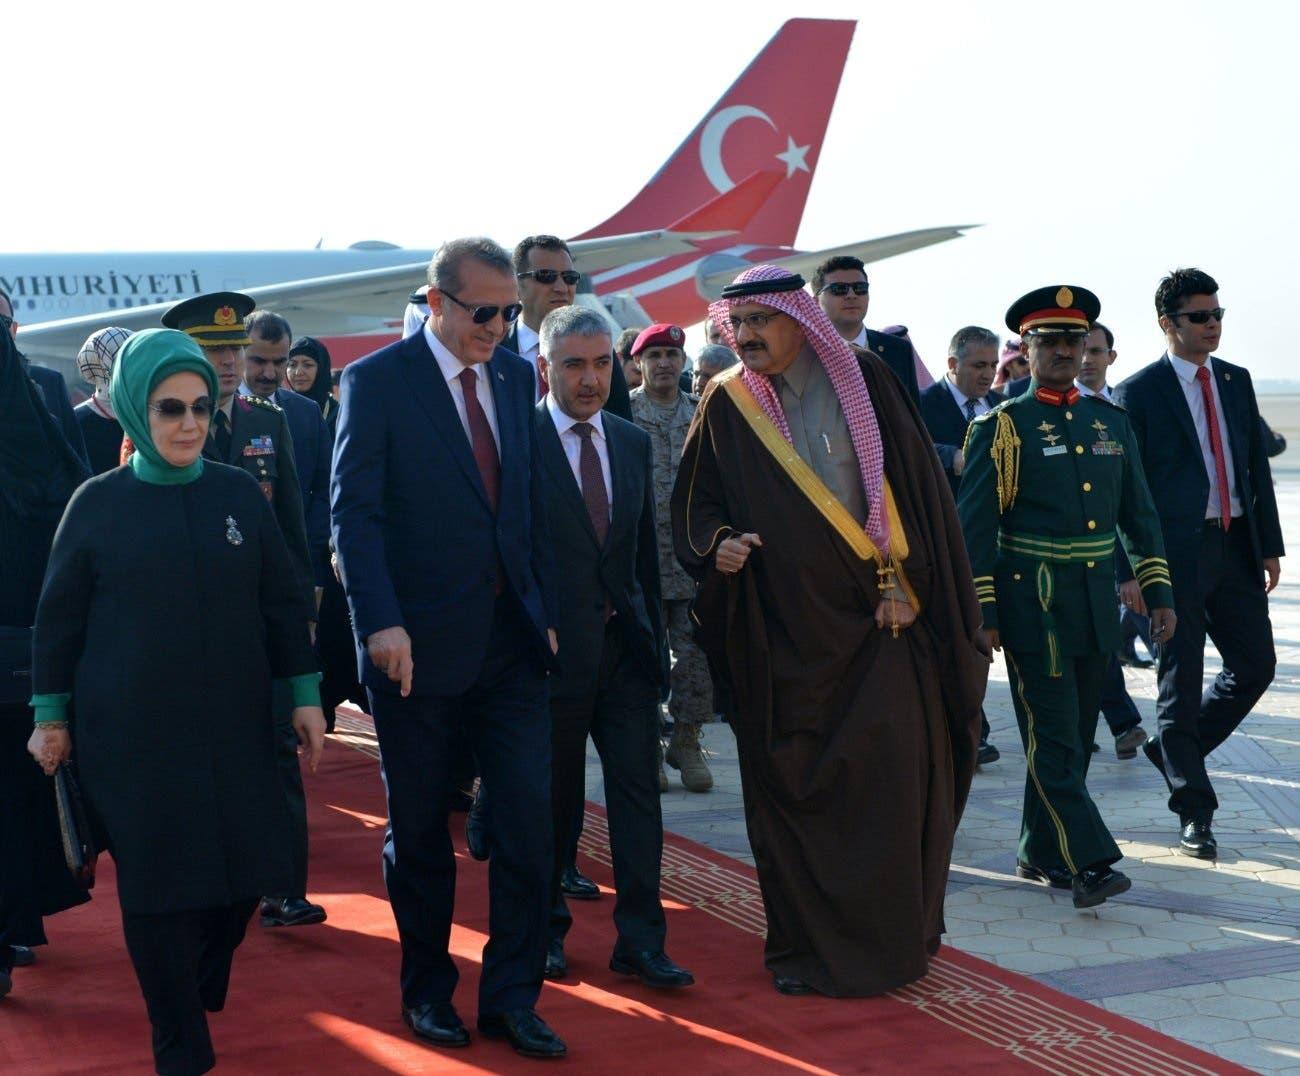 الرئيس التركي وحرمه لدى وصولهما مطار الرياض